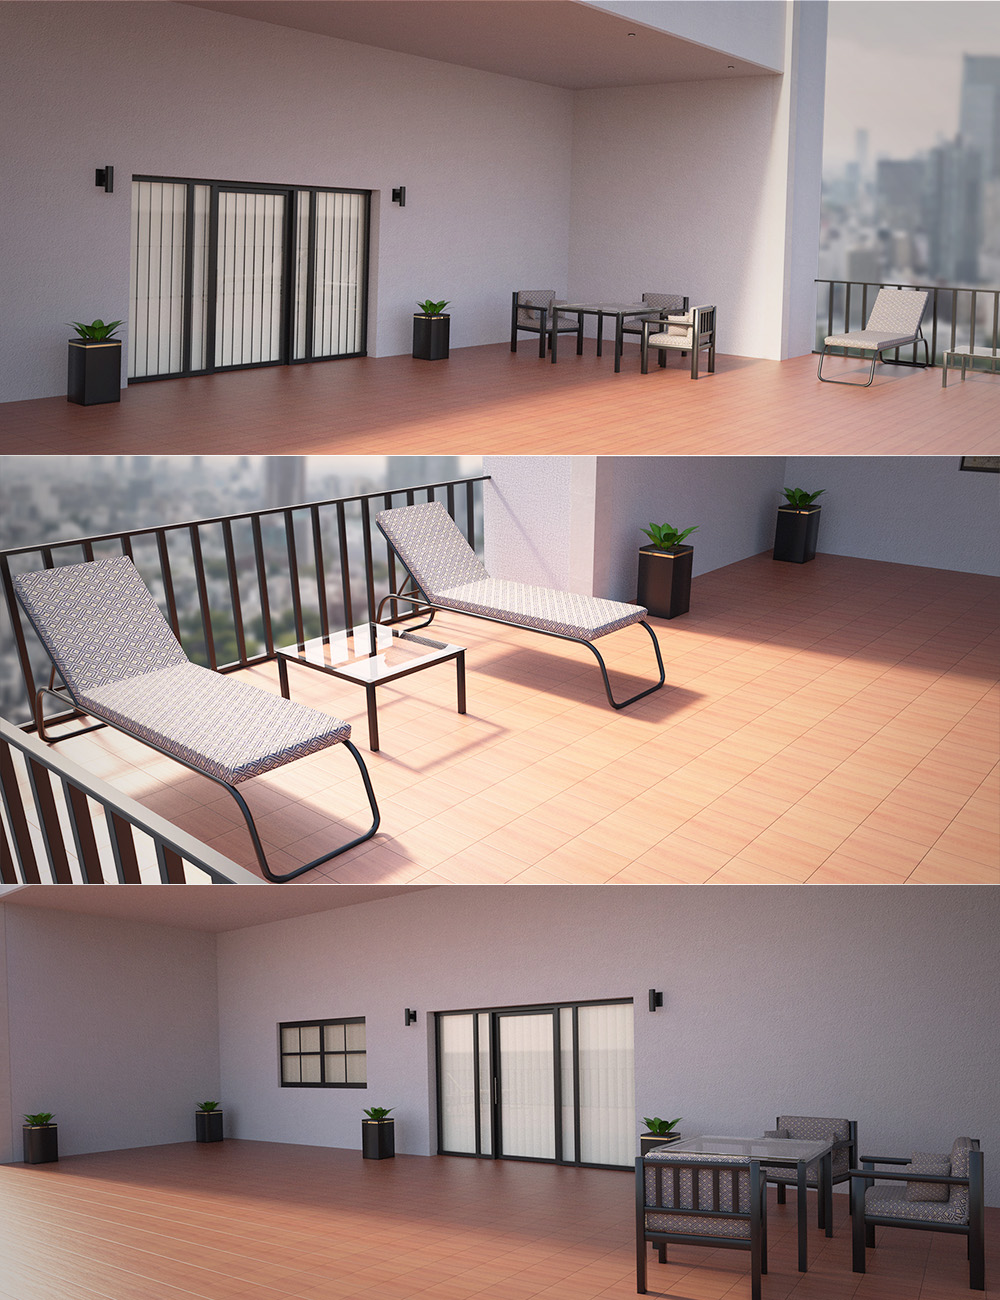 Hotel Balcony by: , 3D Models by Daz 3D